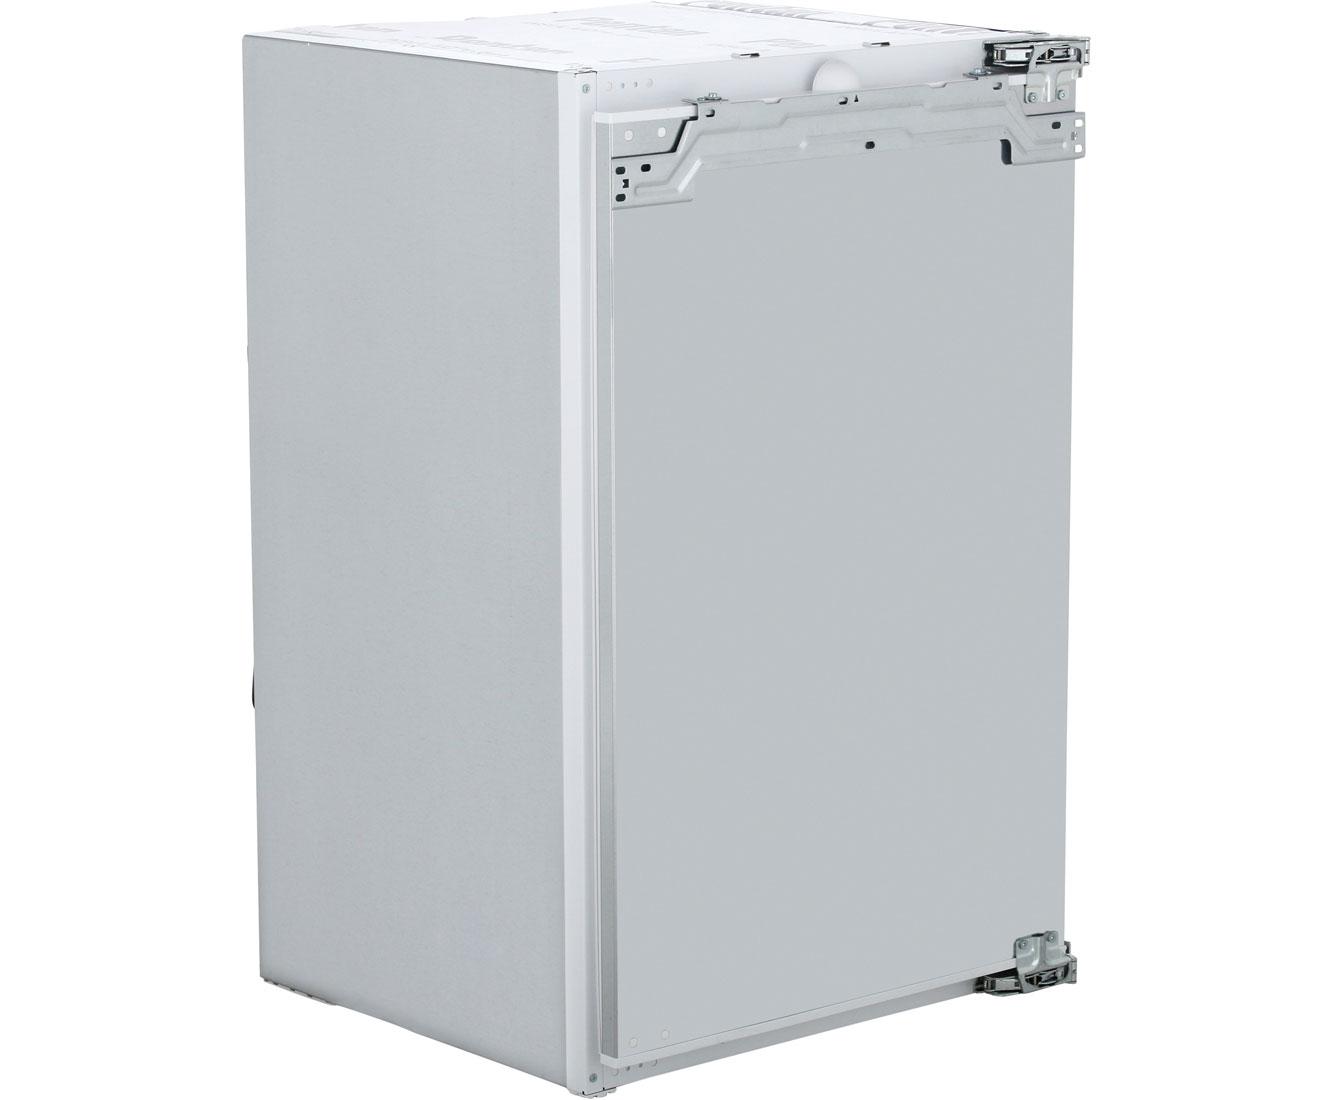 Gorenje Kühlschrank Tür Schliesst Nicht : Siemens kühlschrank schwarz kühlschrank modelle